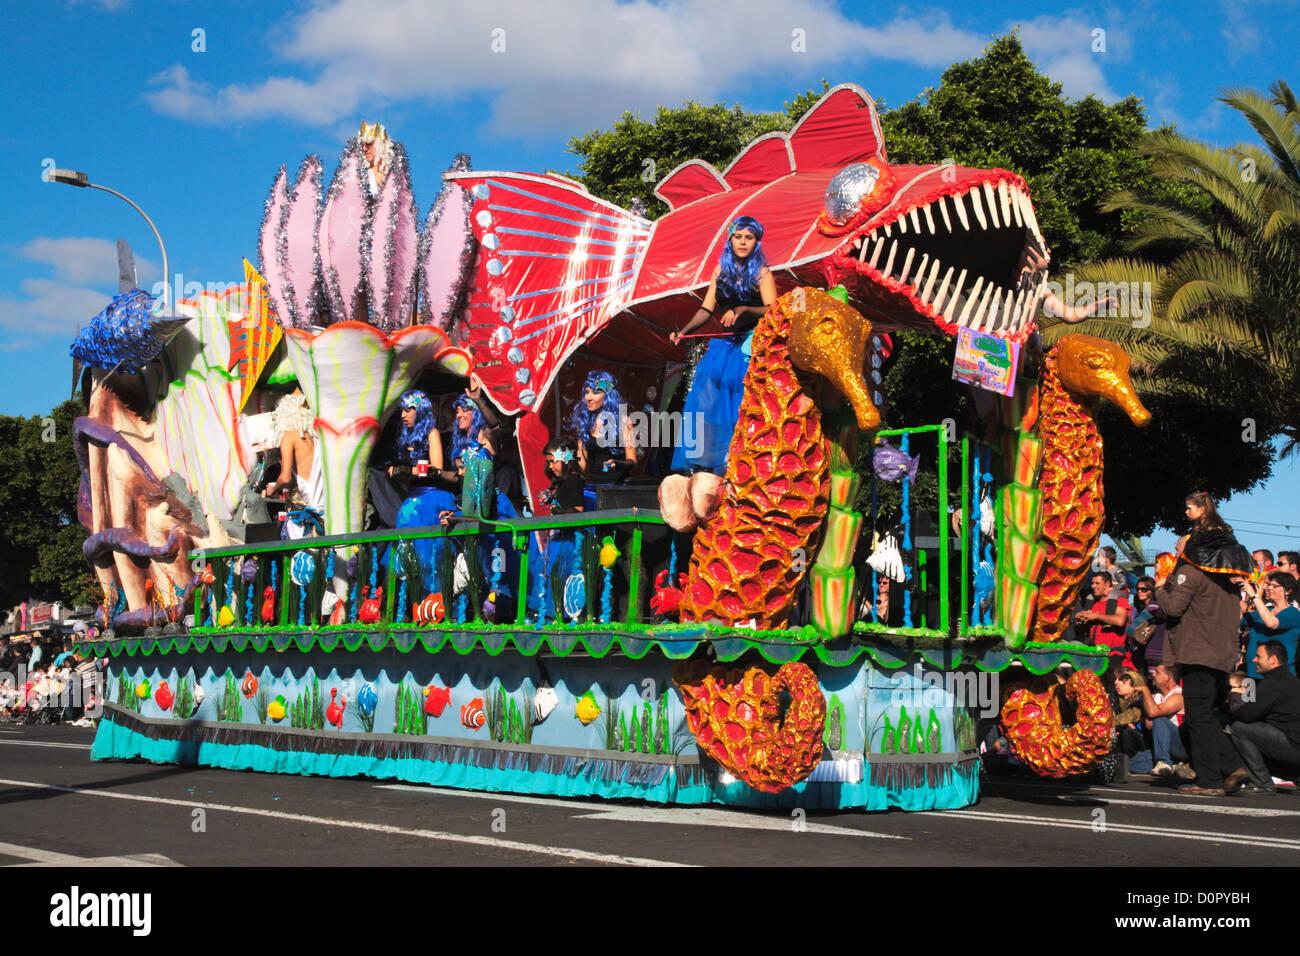 Float In Santa Cruz De Tenerife Carnival Stock Photo 52135541 Alamy